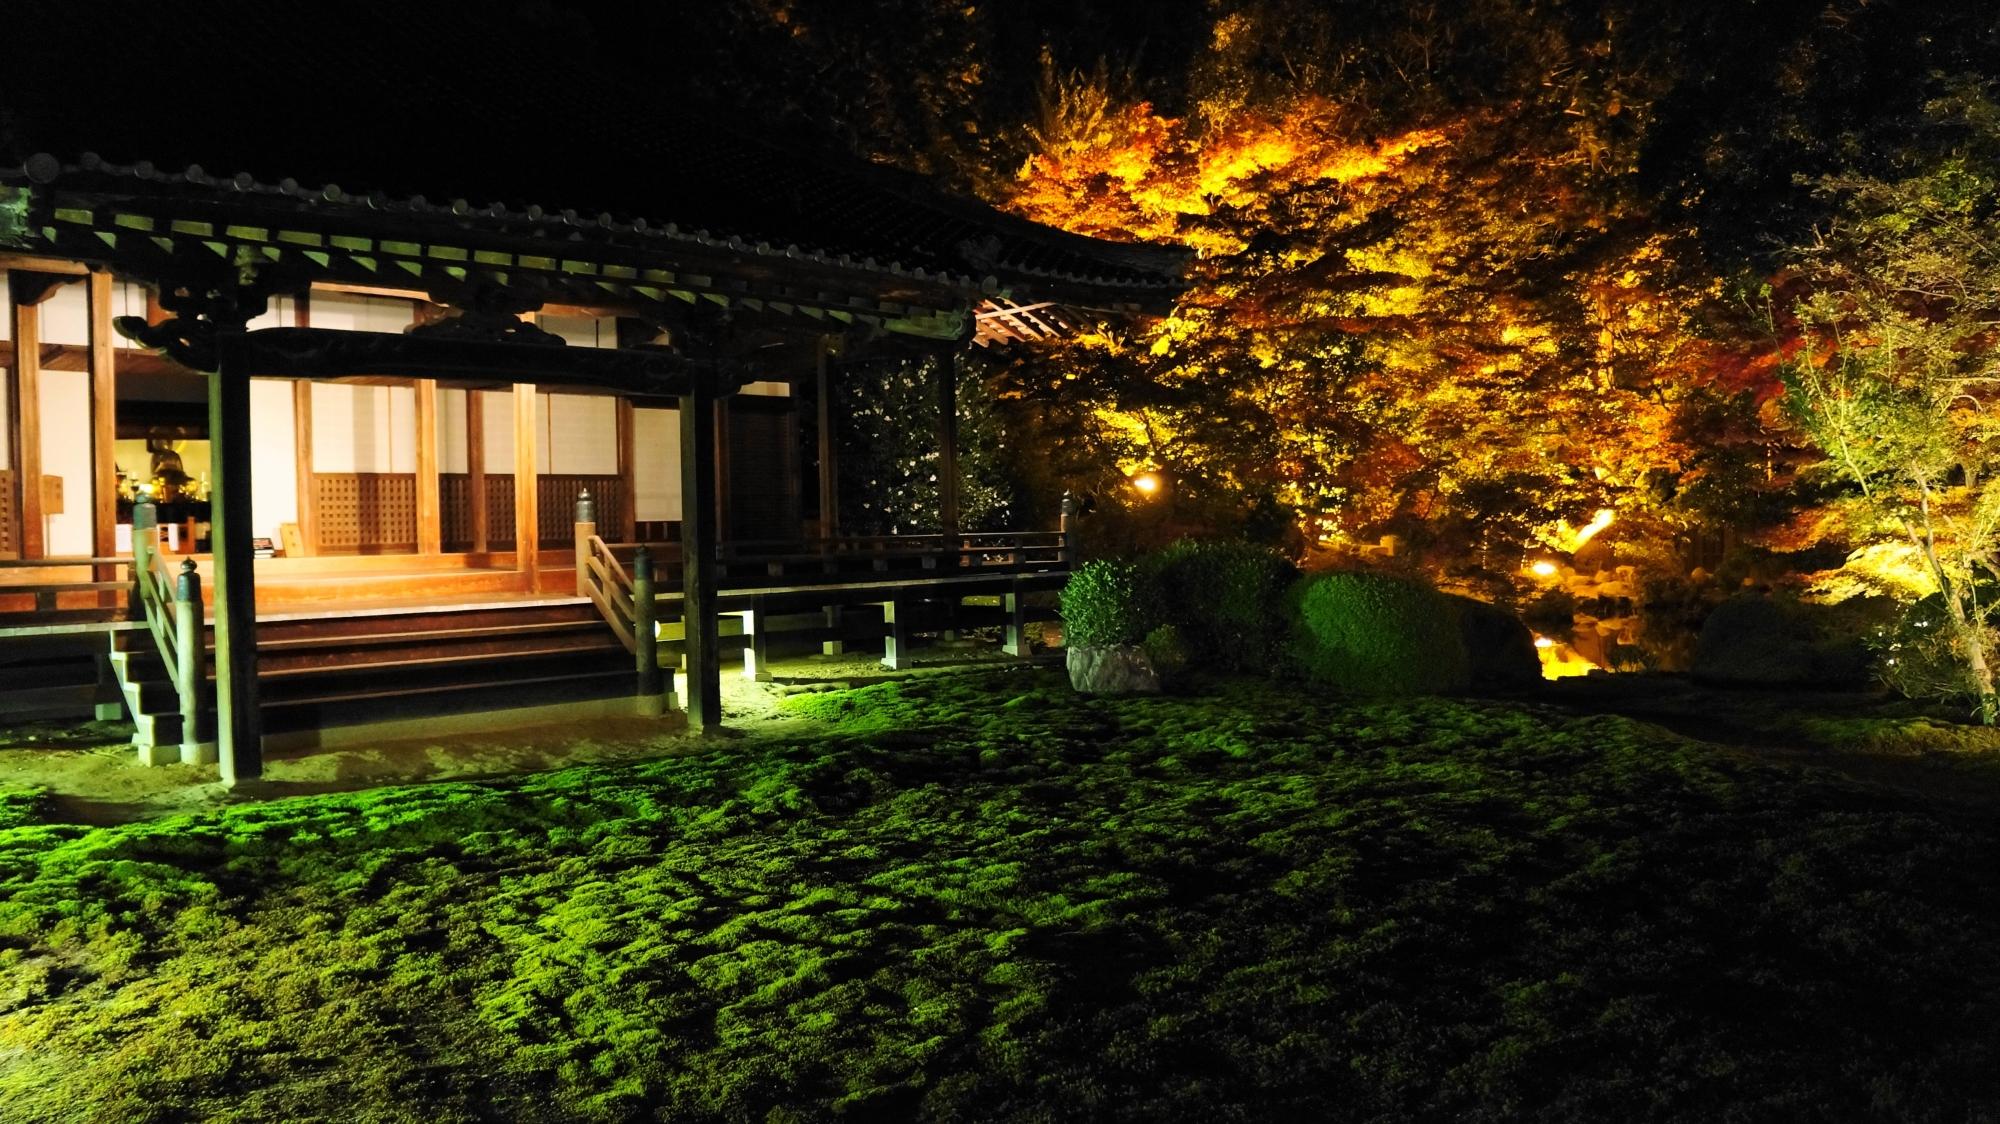 随心院の本堂前庭園と紅葉のライトアップ